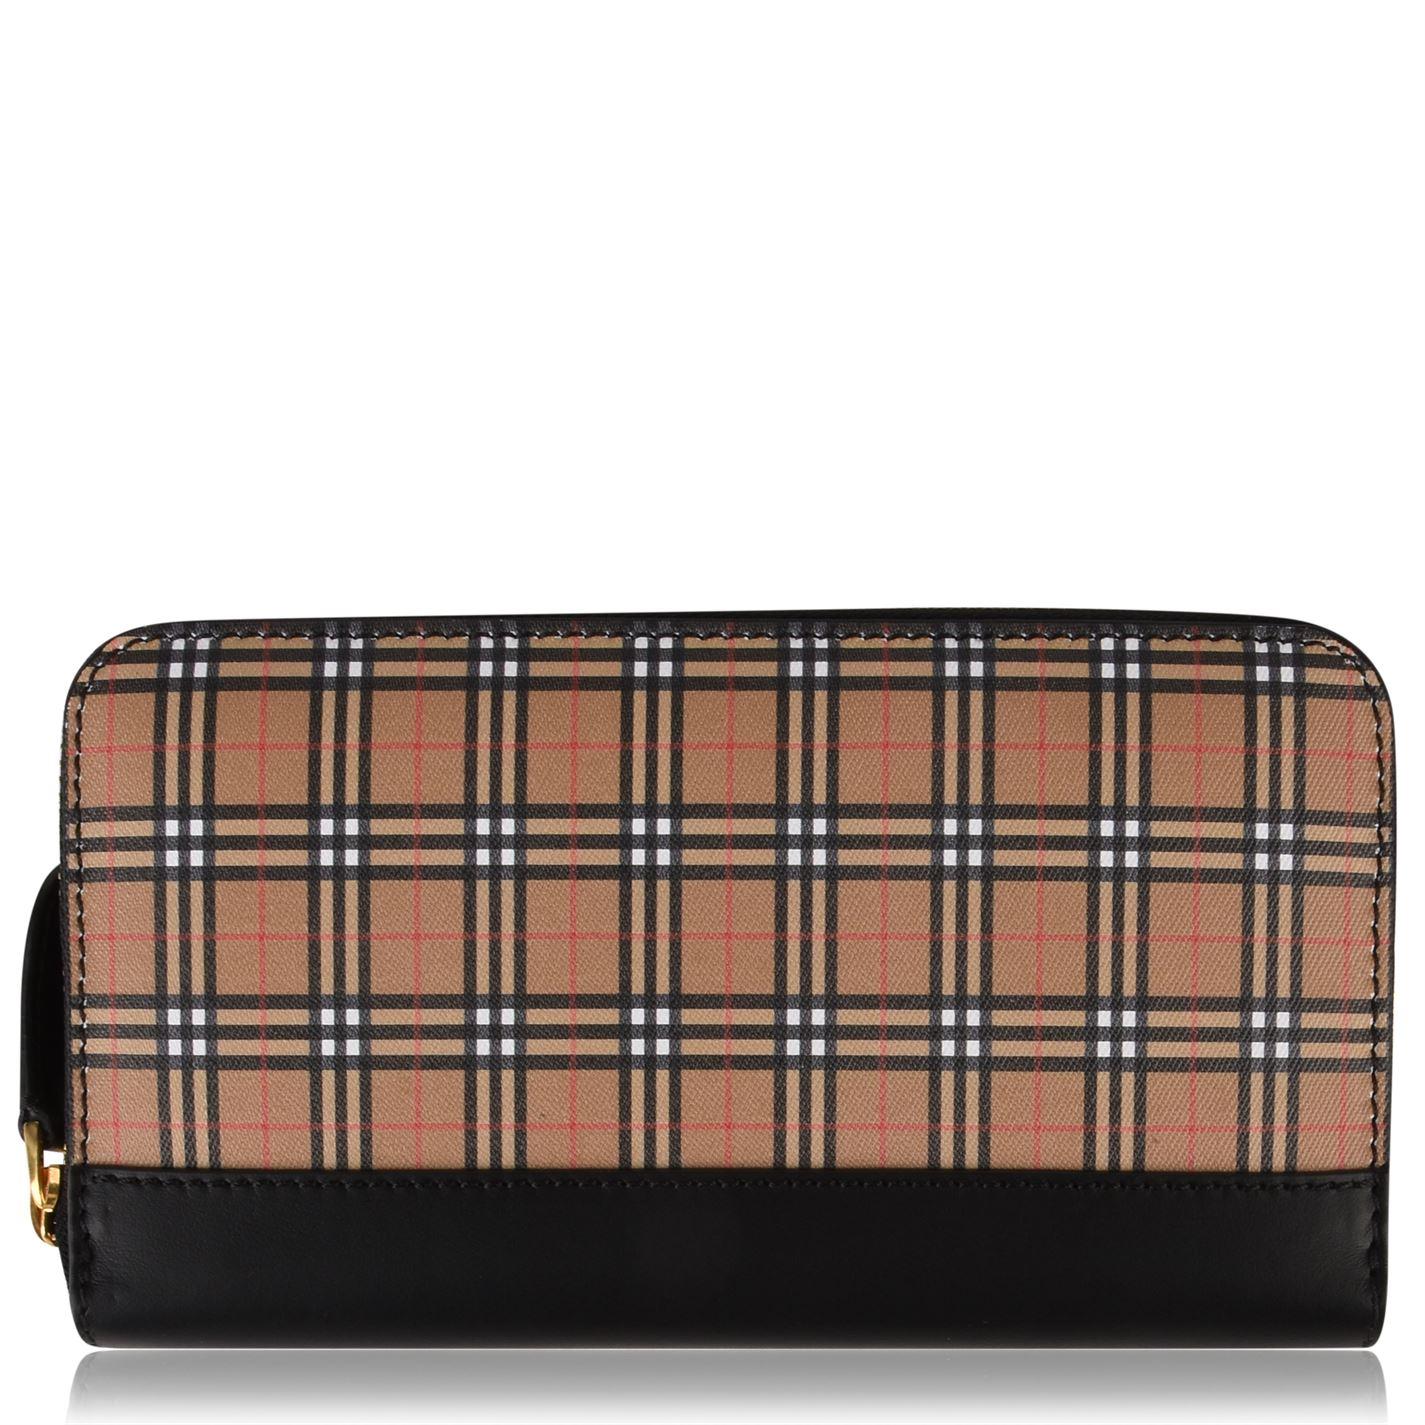 Peňaženka Burberry Check Zip Purse - Glami.sk 463dabe07c6